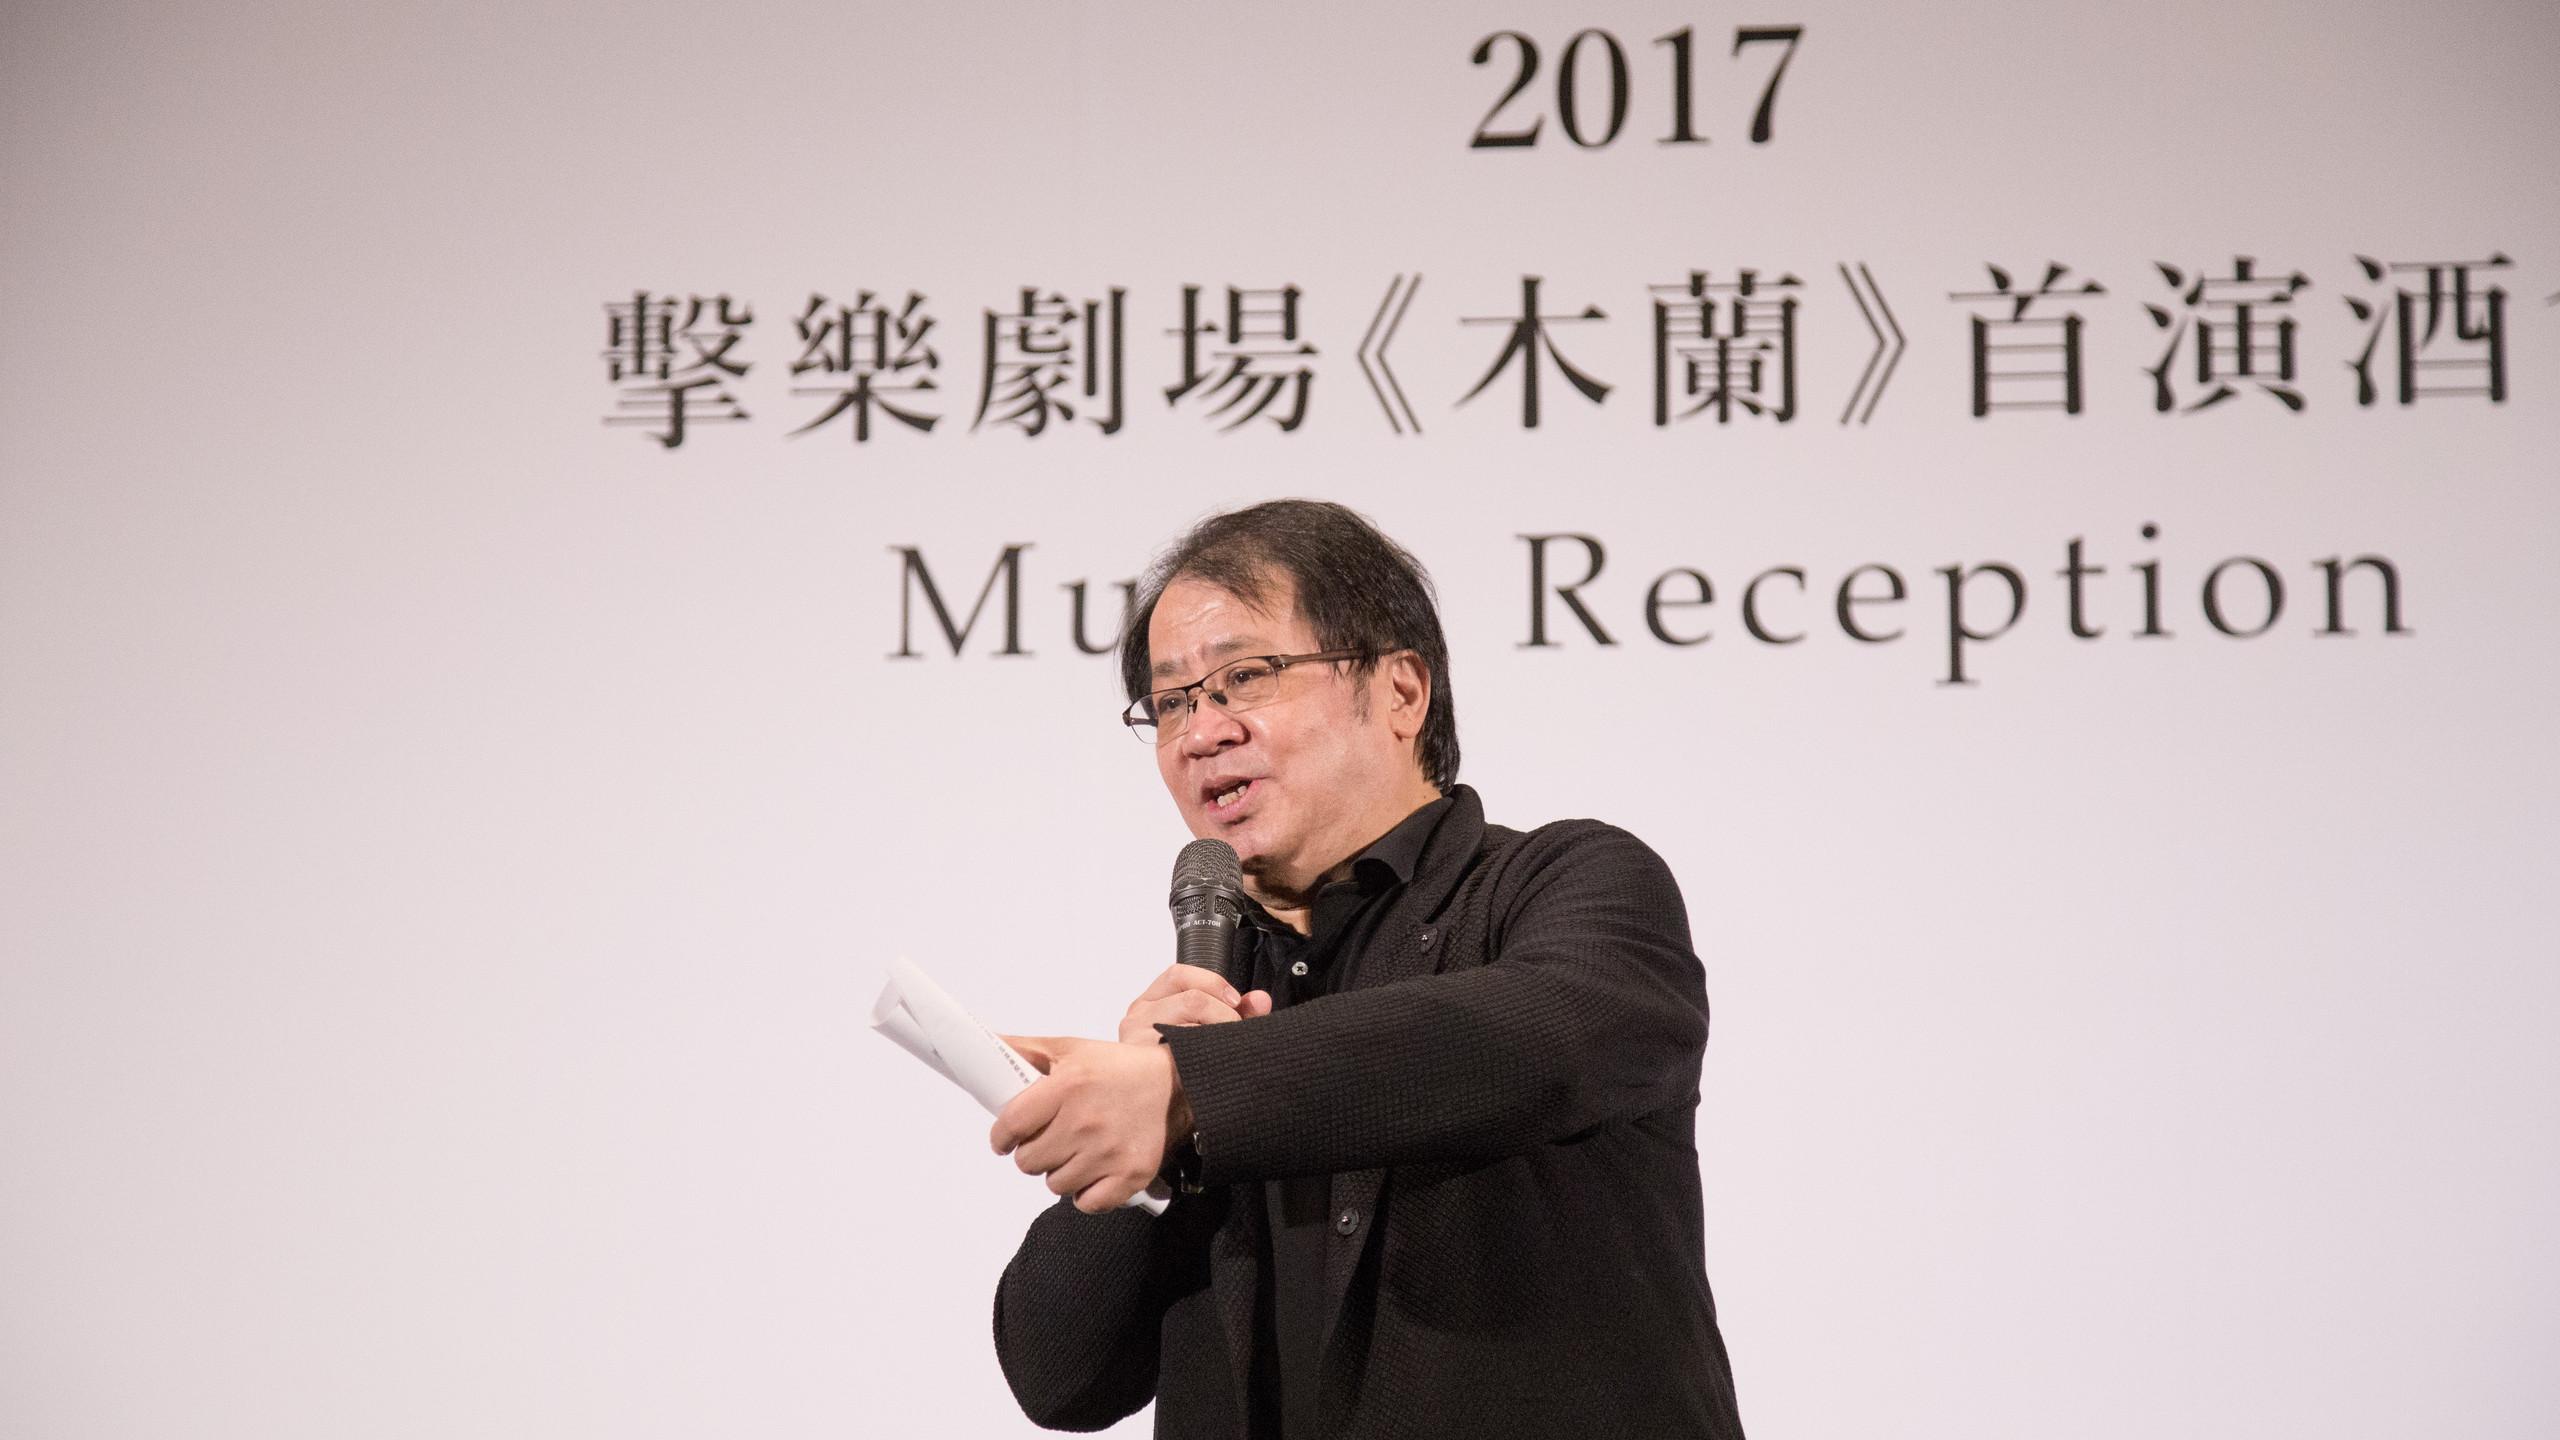 朱宗慶老師 / 朱團藝術總監